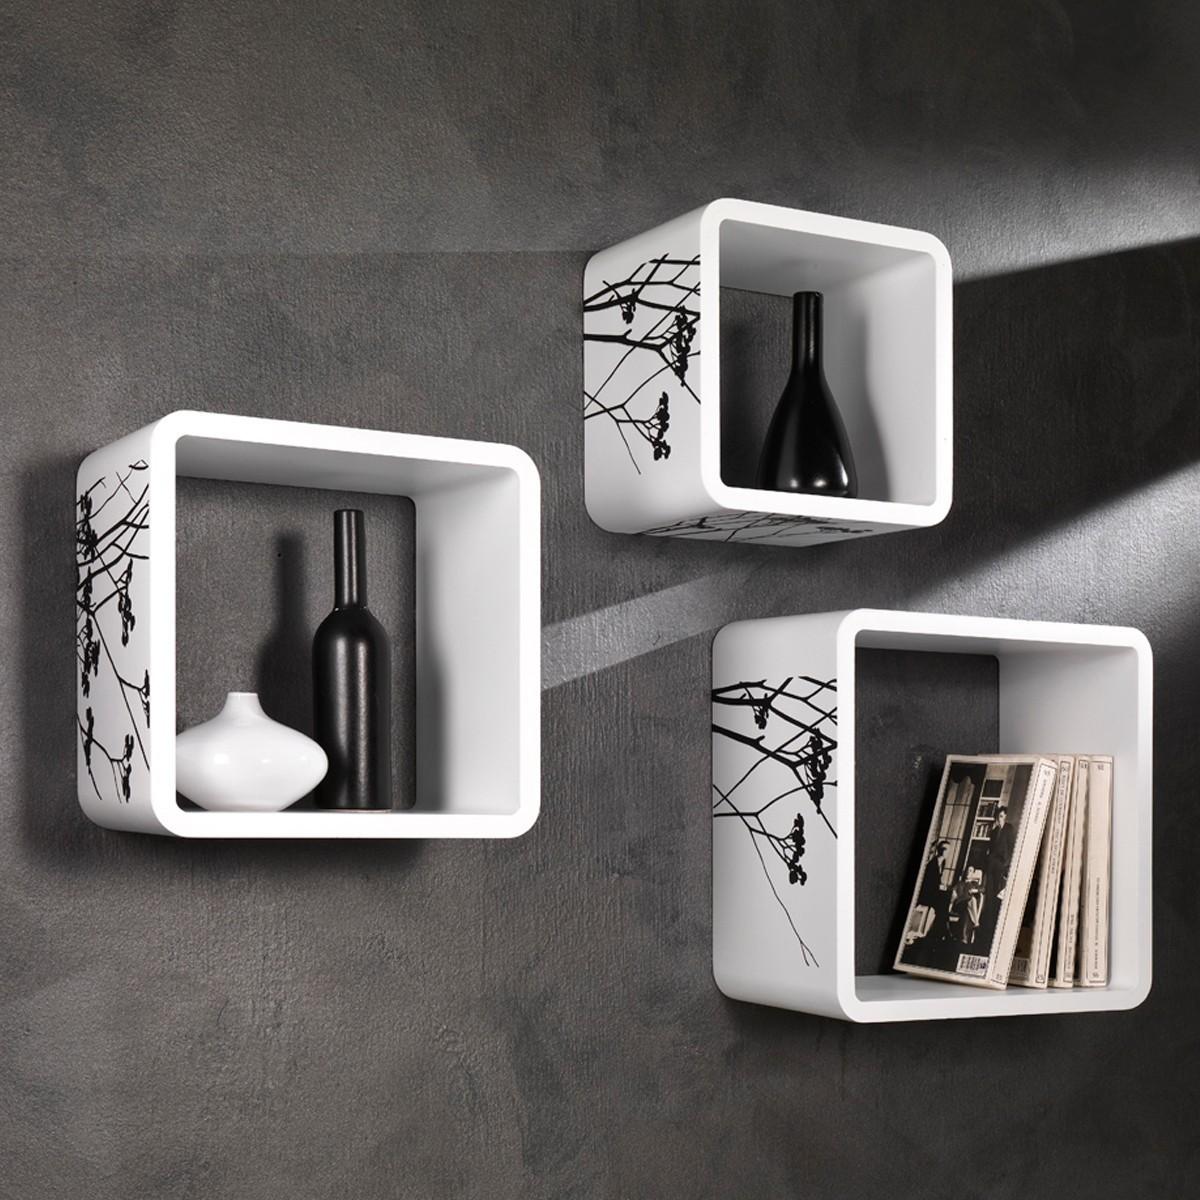 Cubi libreria: le migliori librerie componibili per arredare